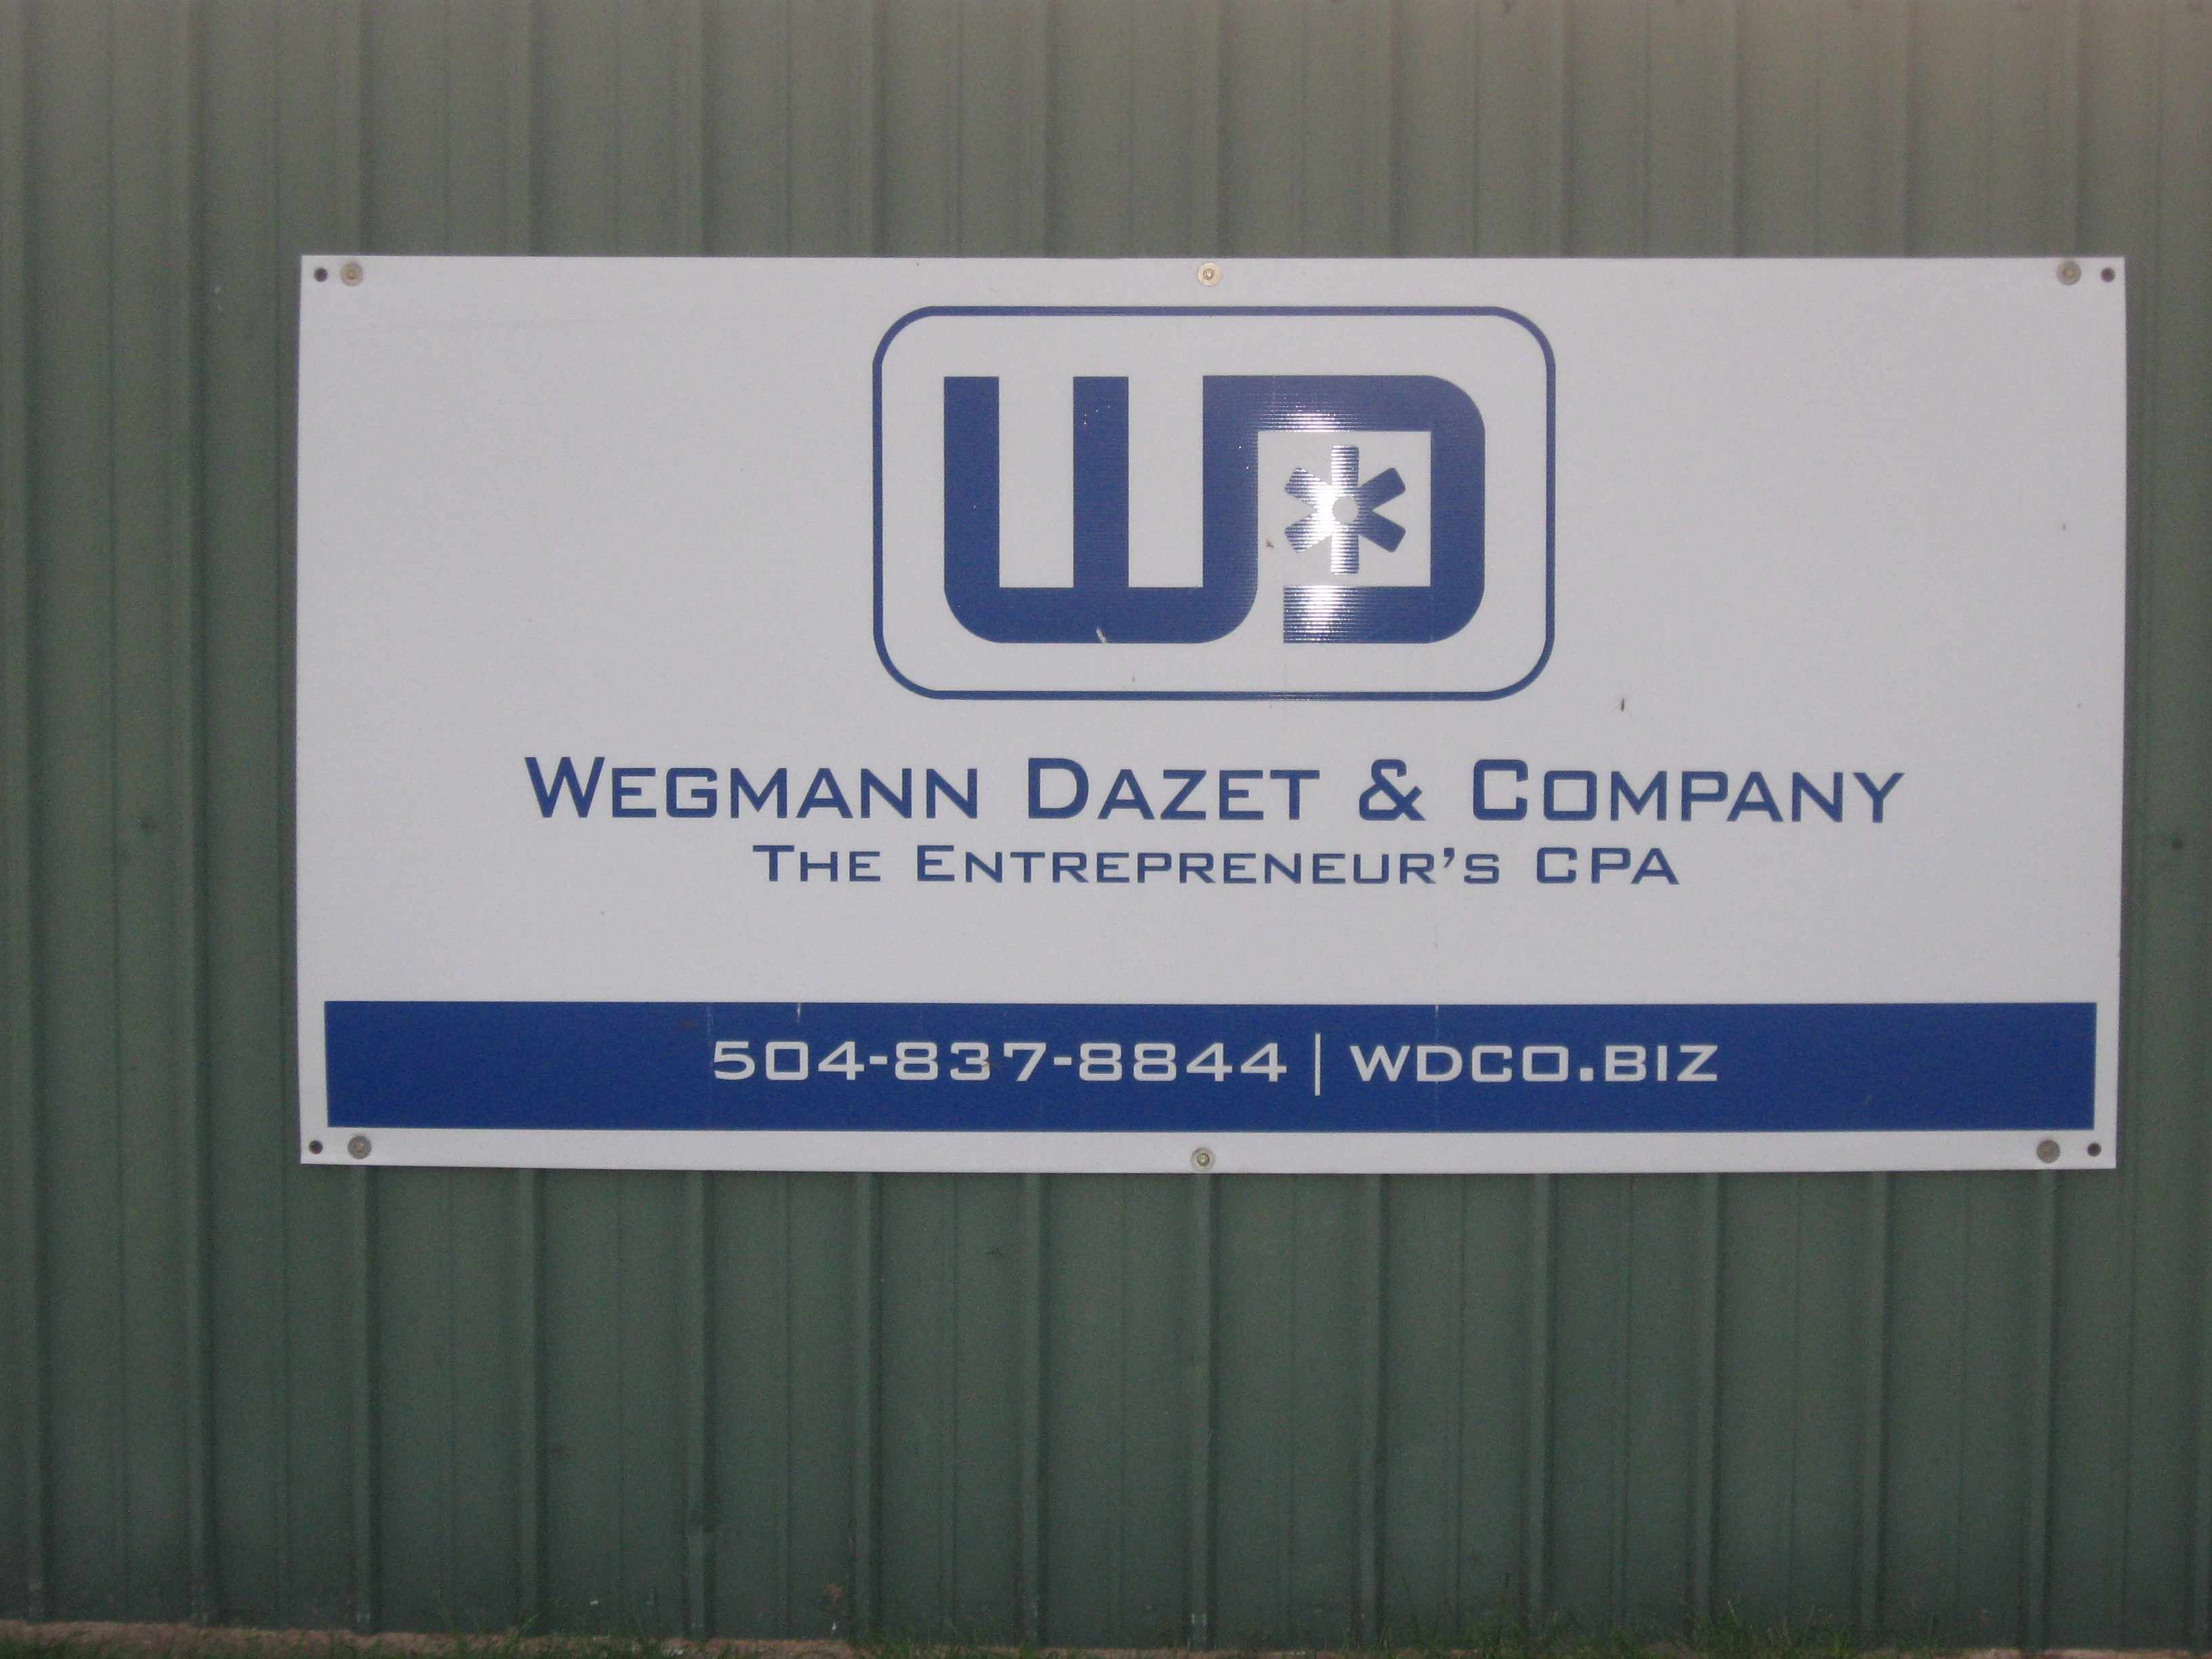 Wegmann Dazet